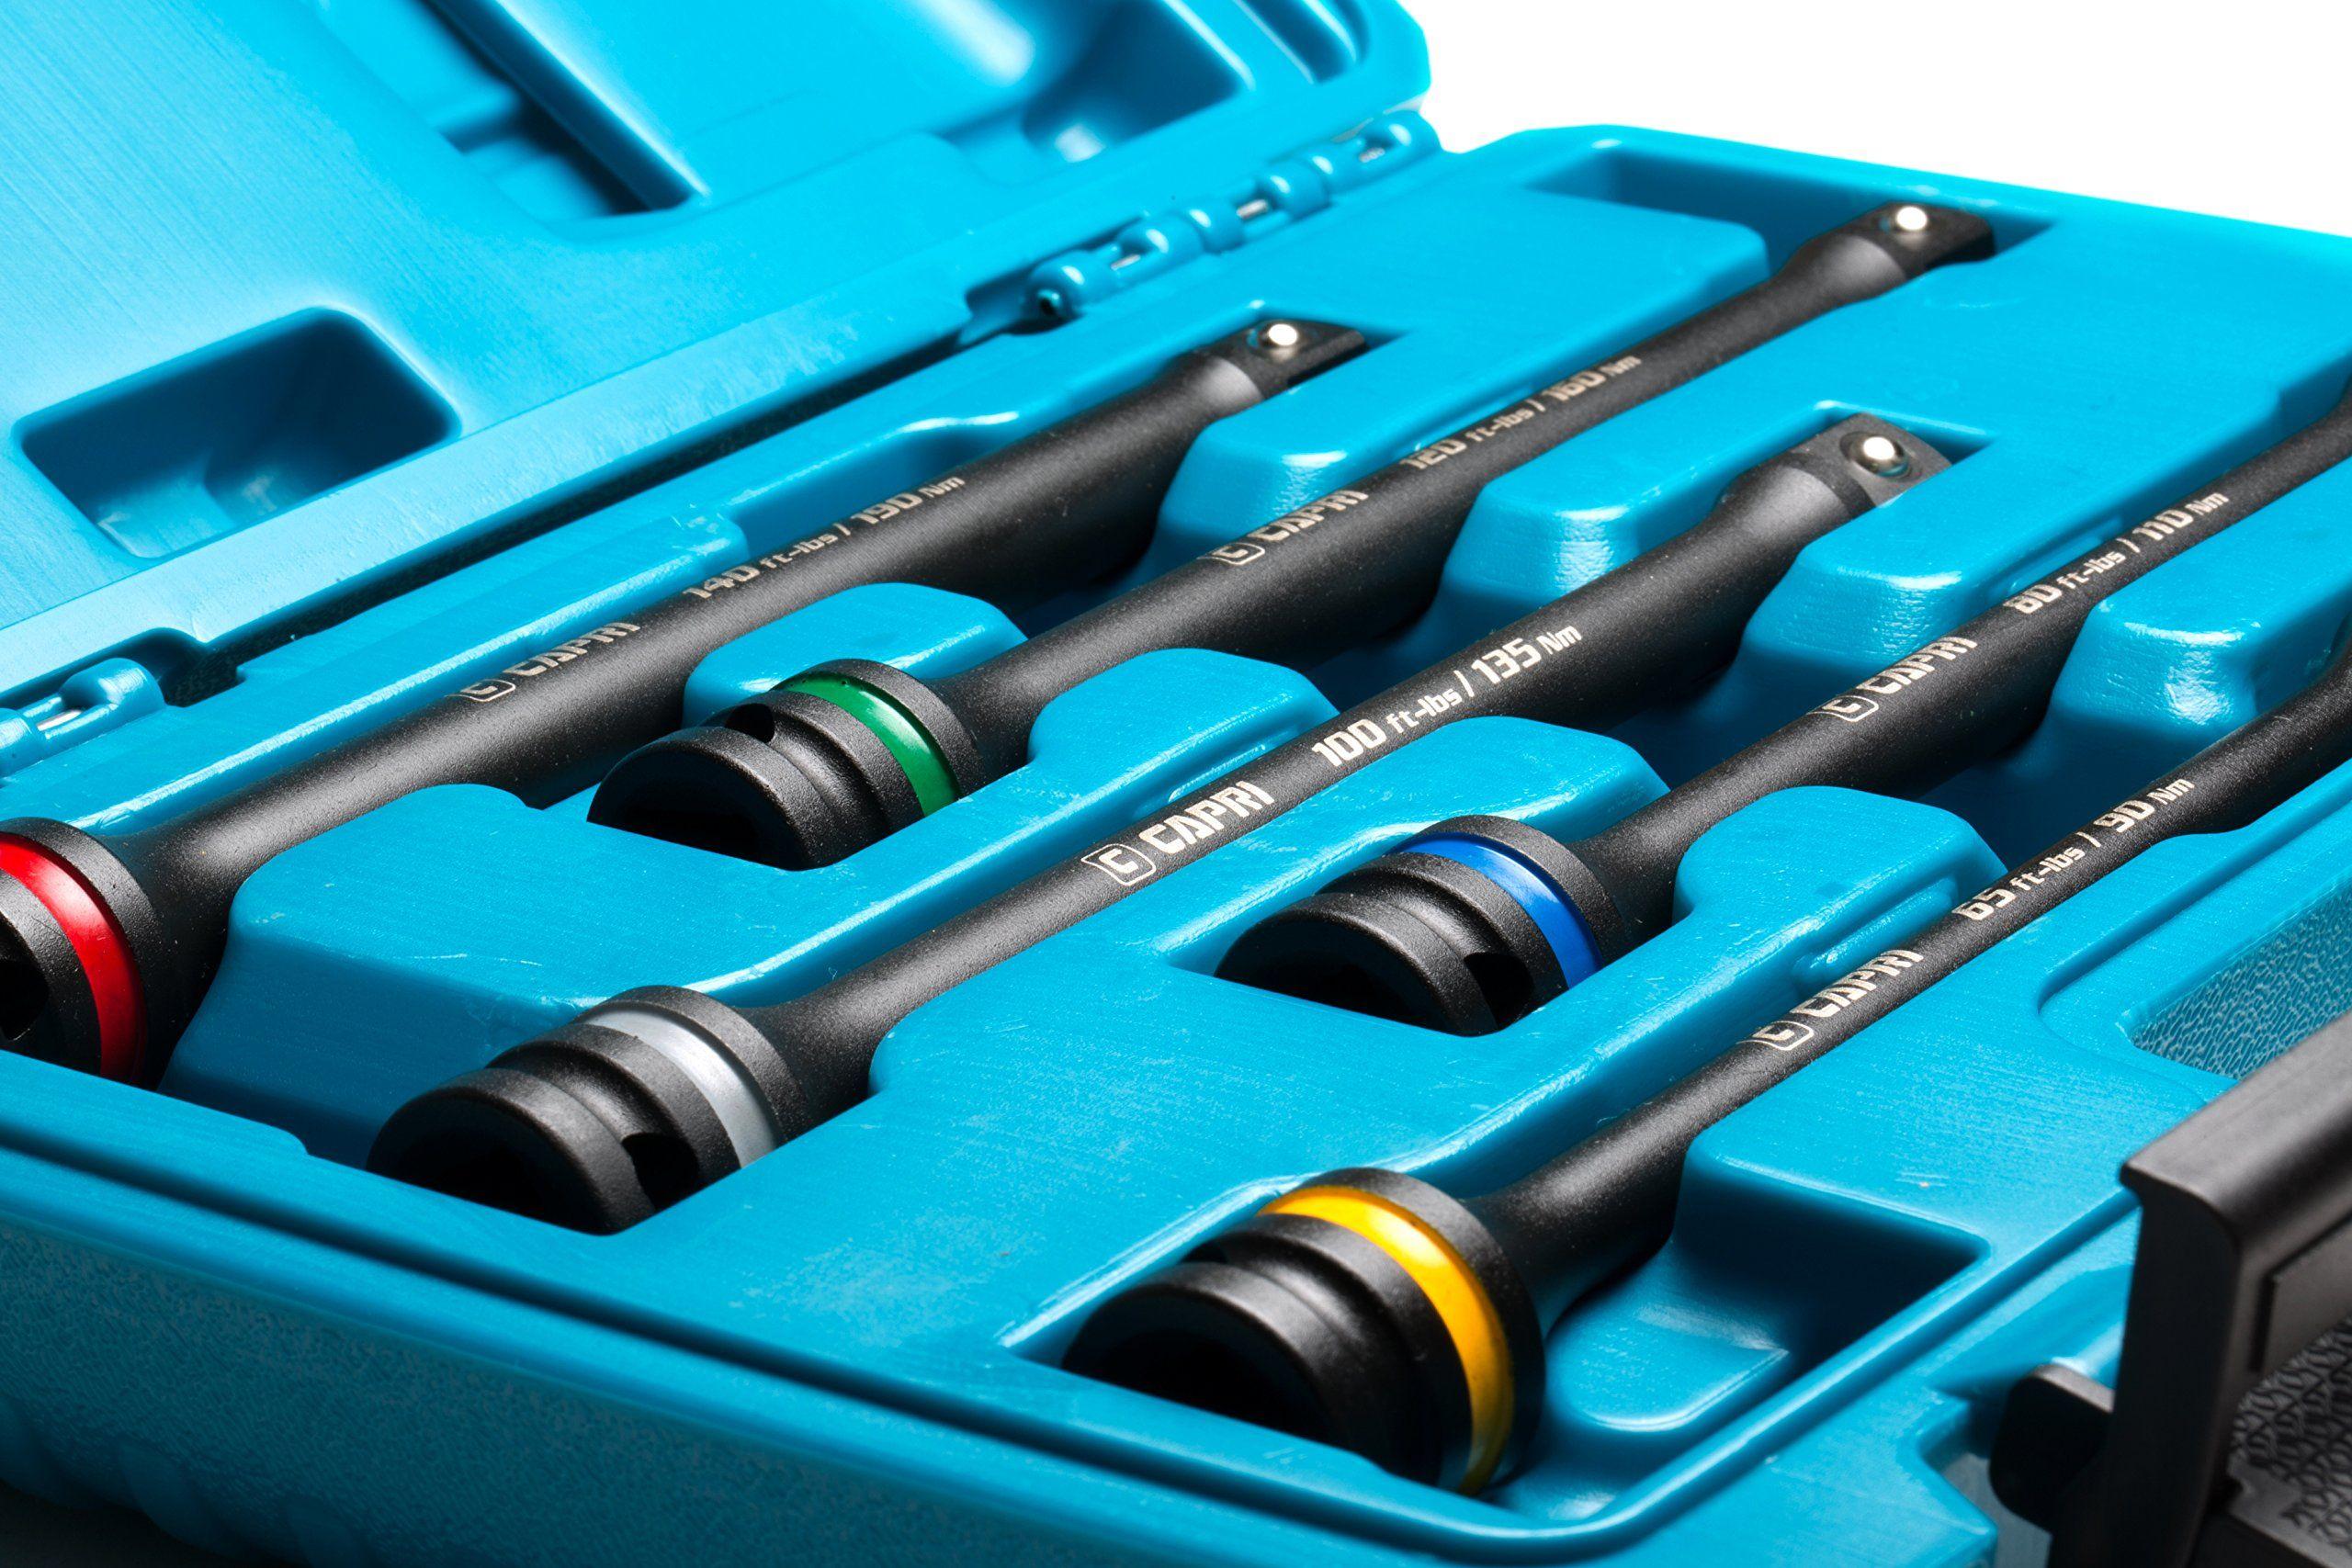 Capri Tools 30083 Torque Limiting Extension Bar Set (5